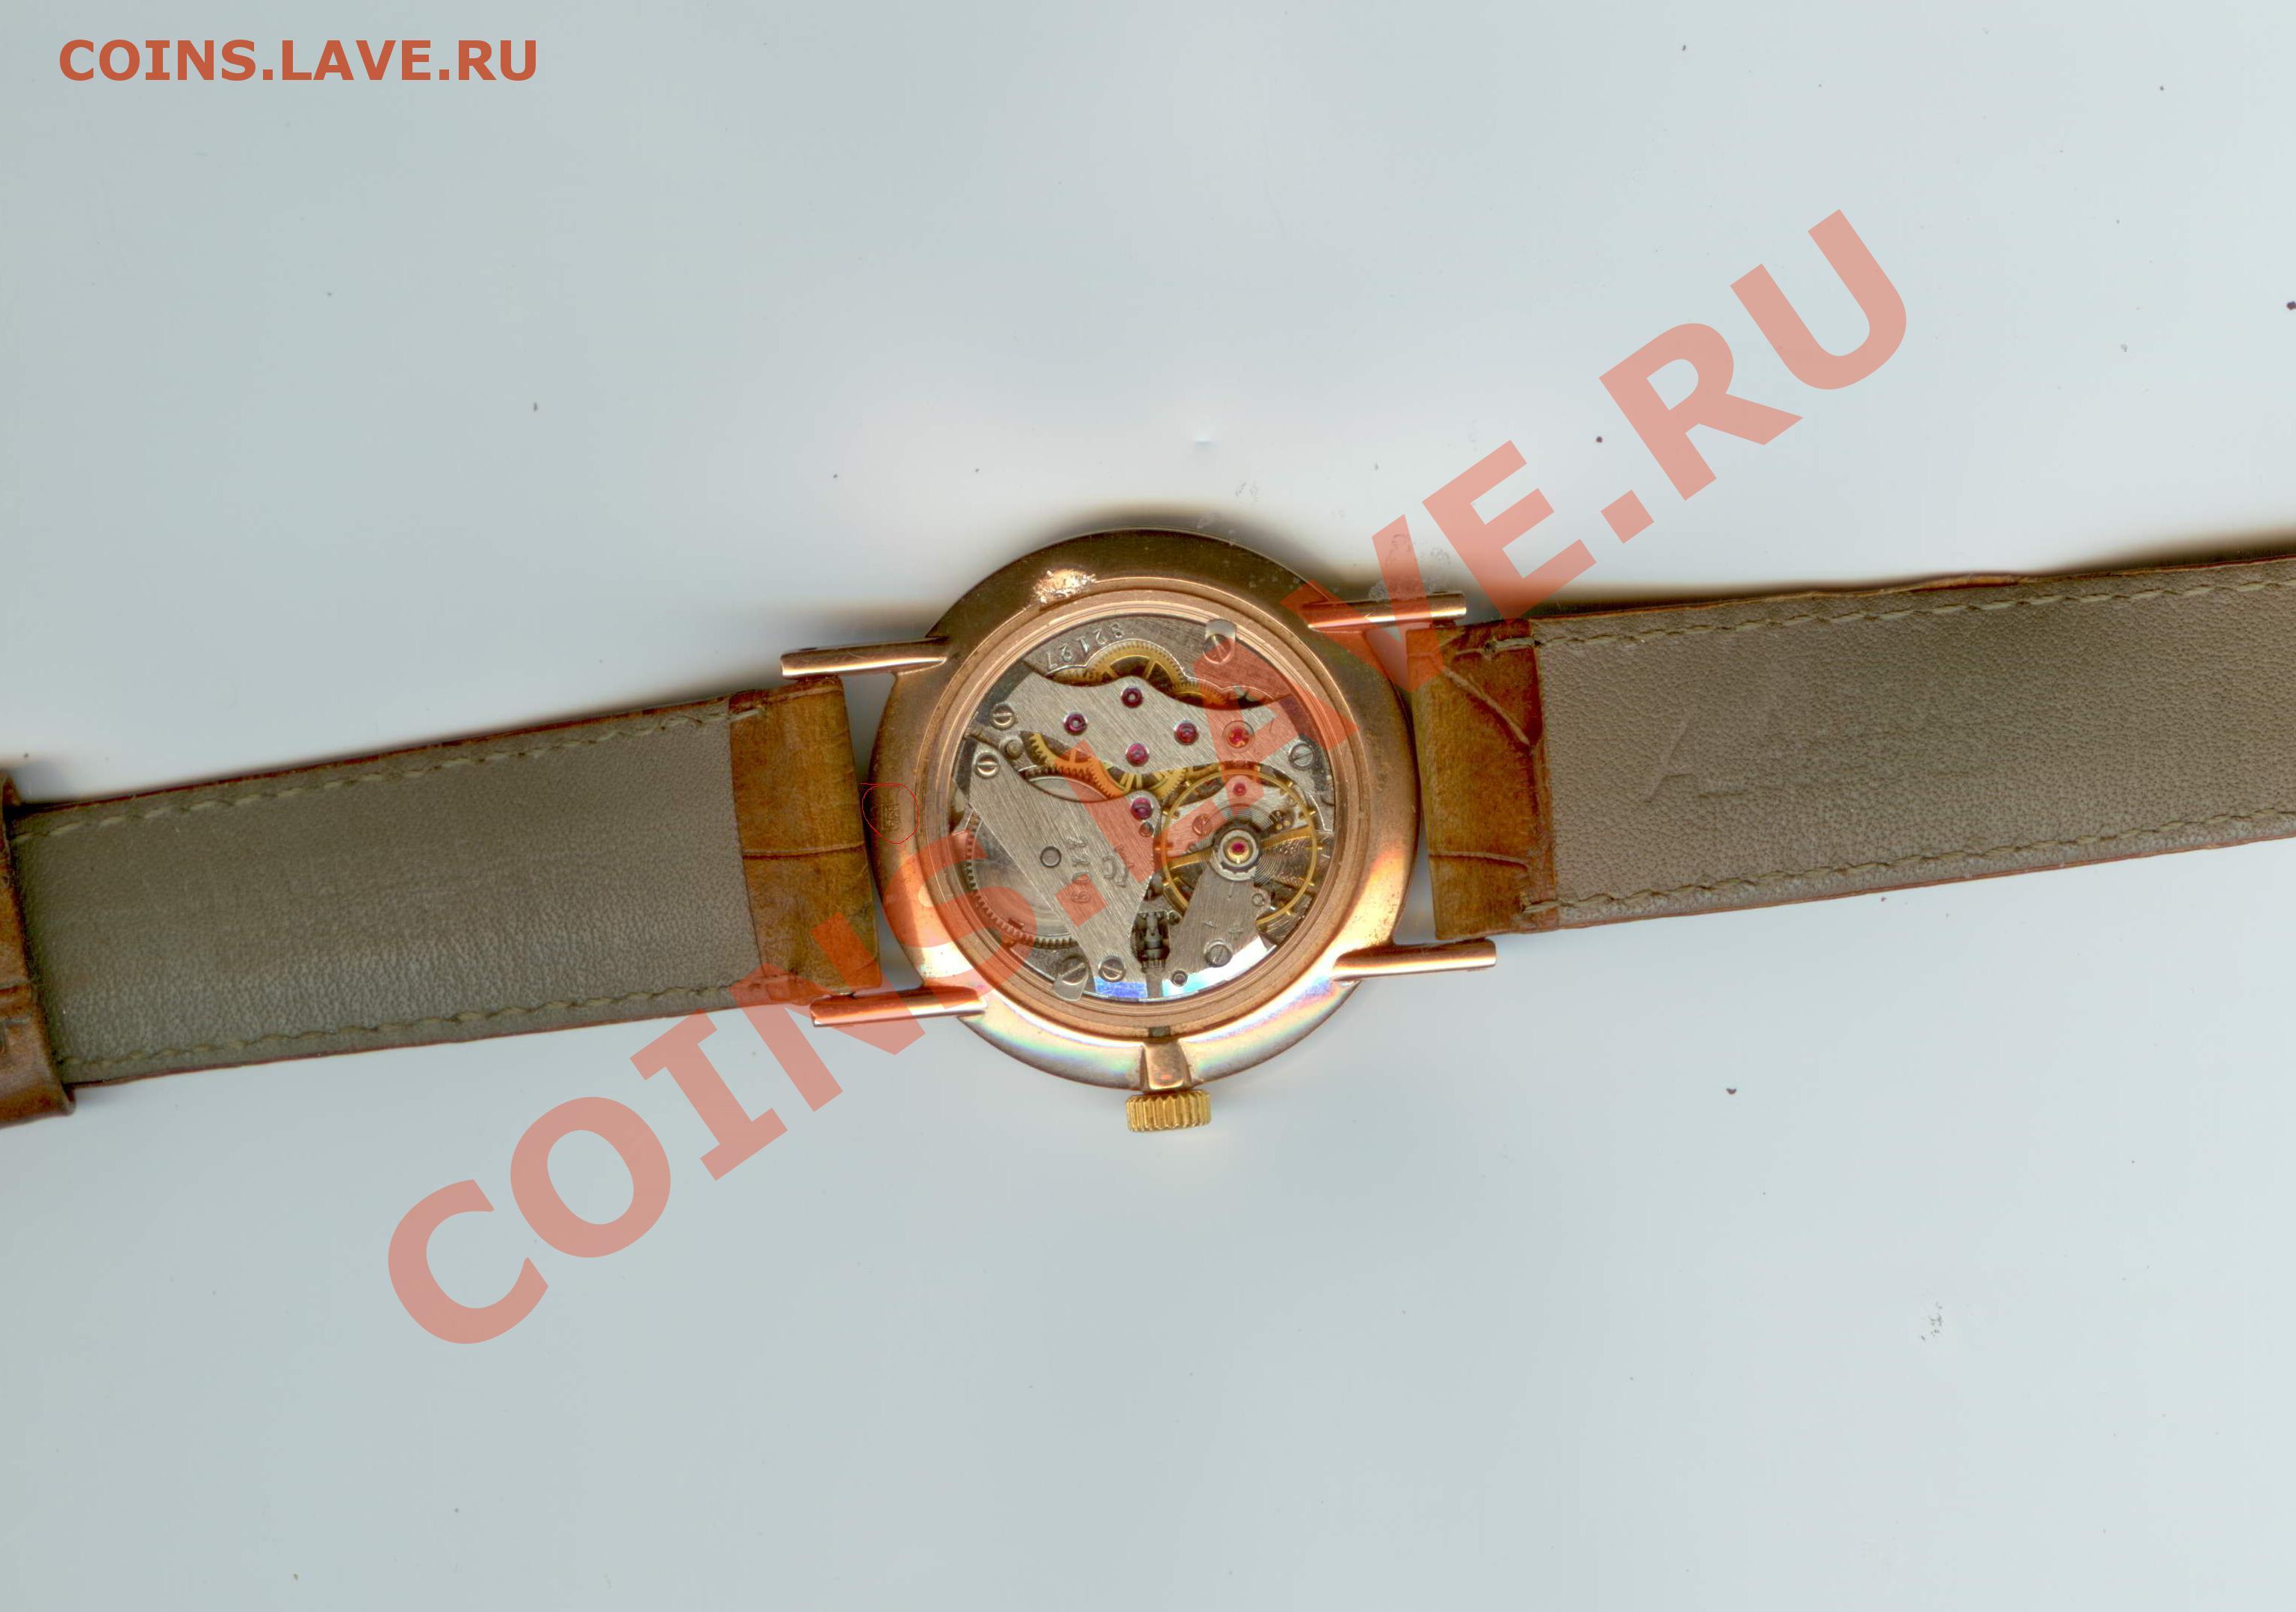 d0fb0bb539d0 Оцените пожалуйста золотые часы